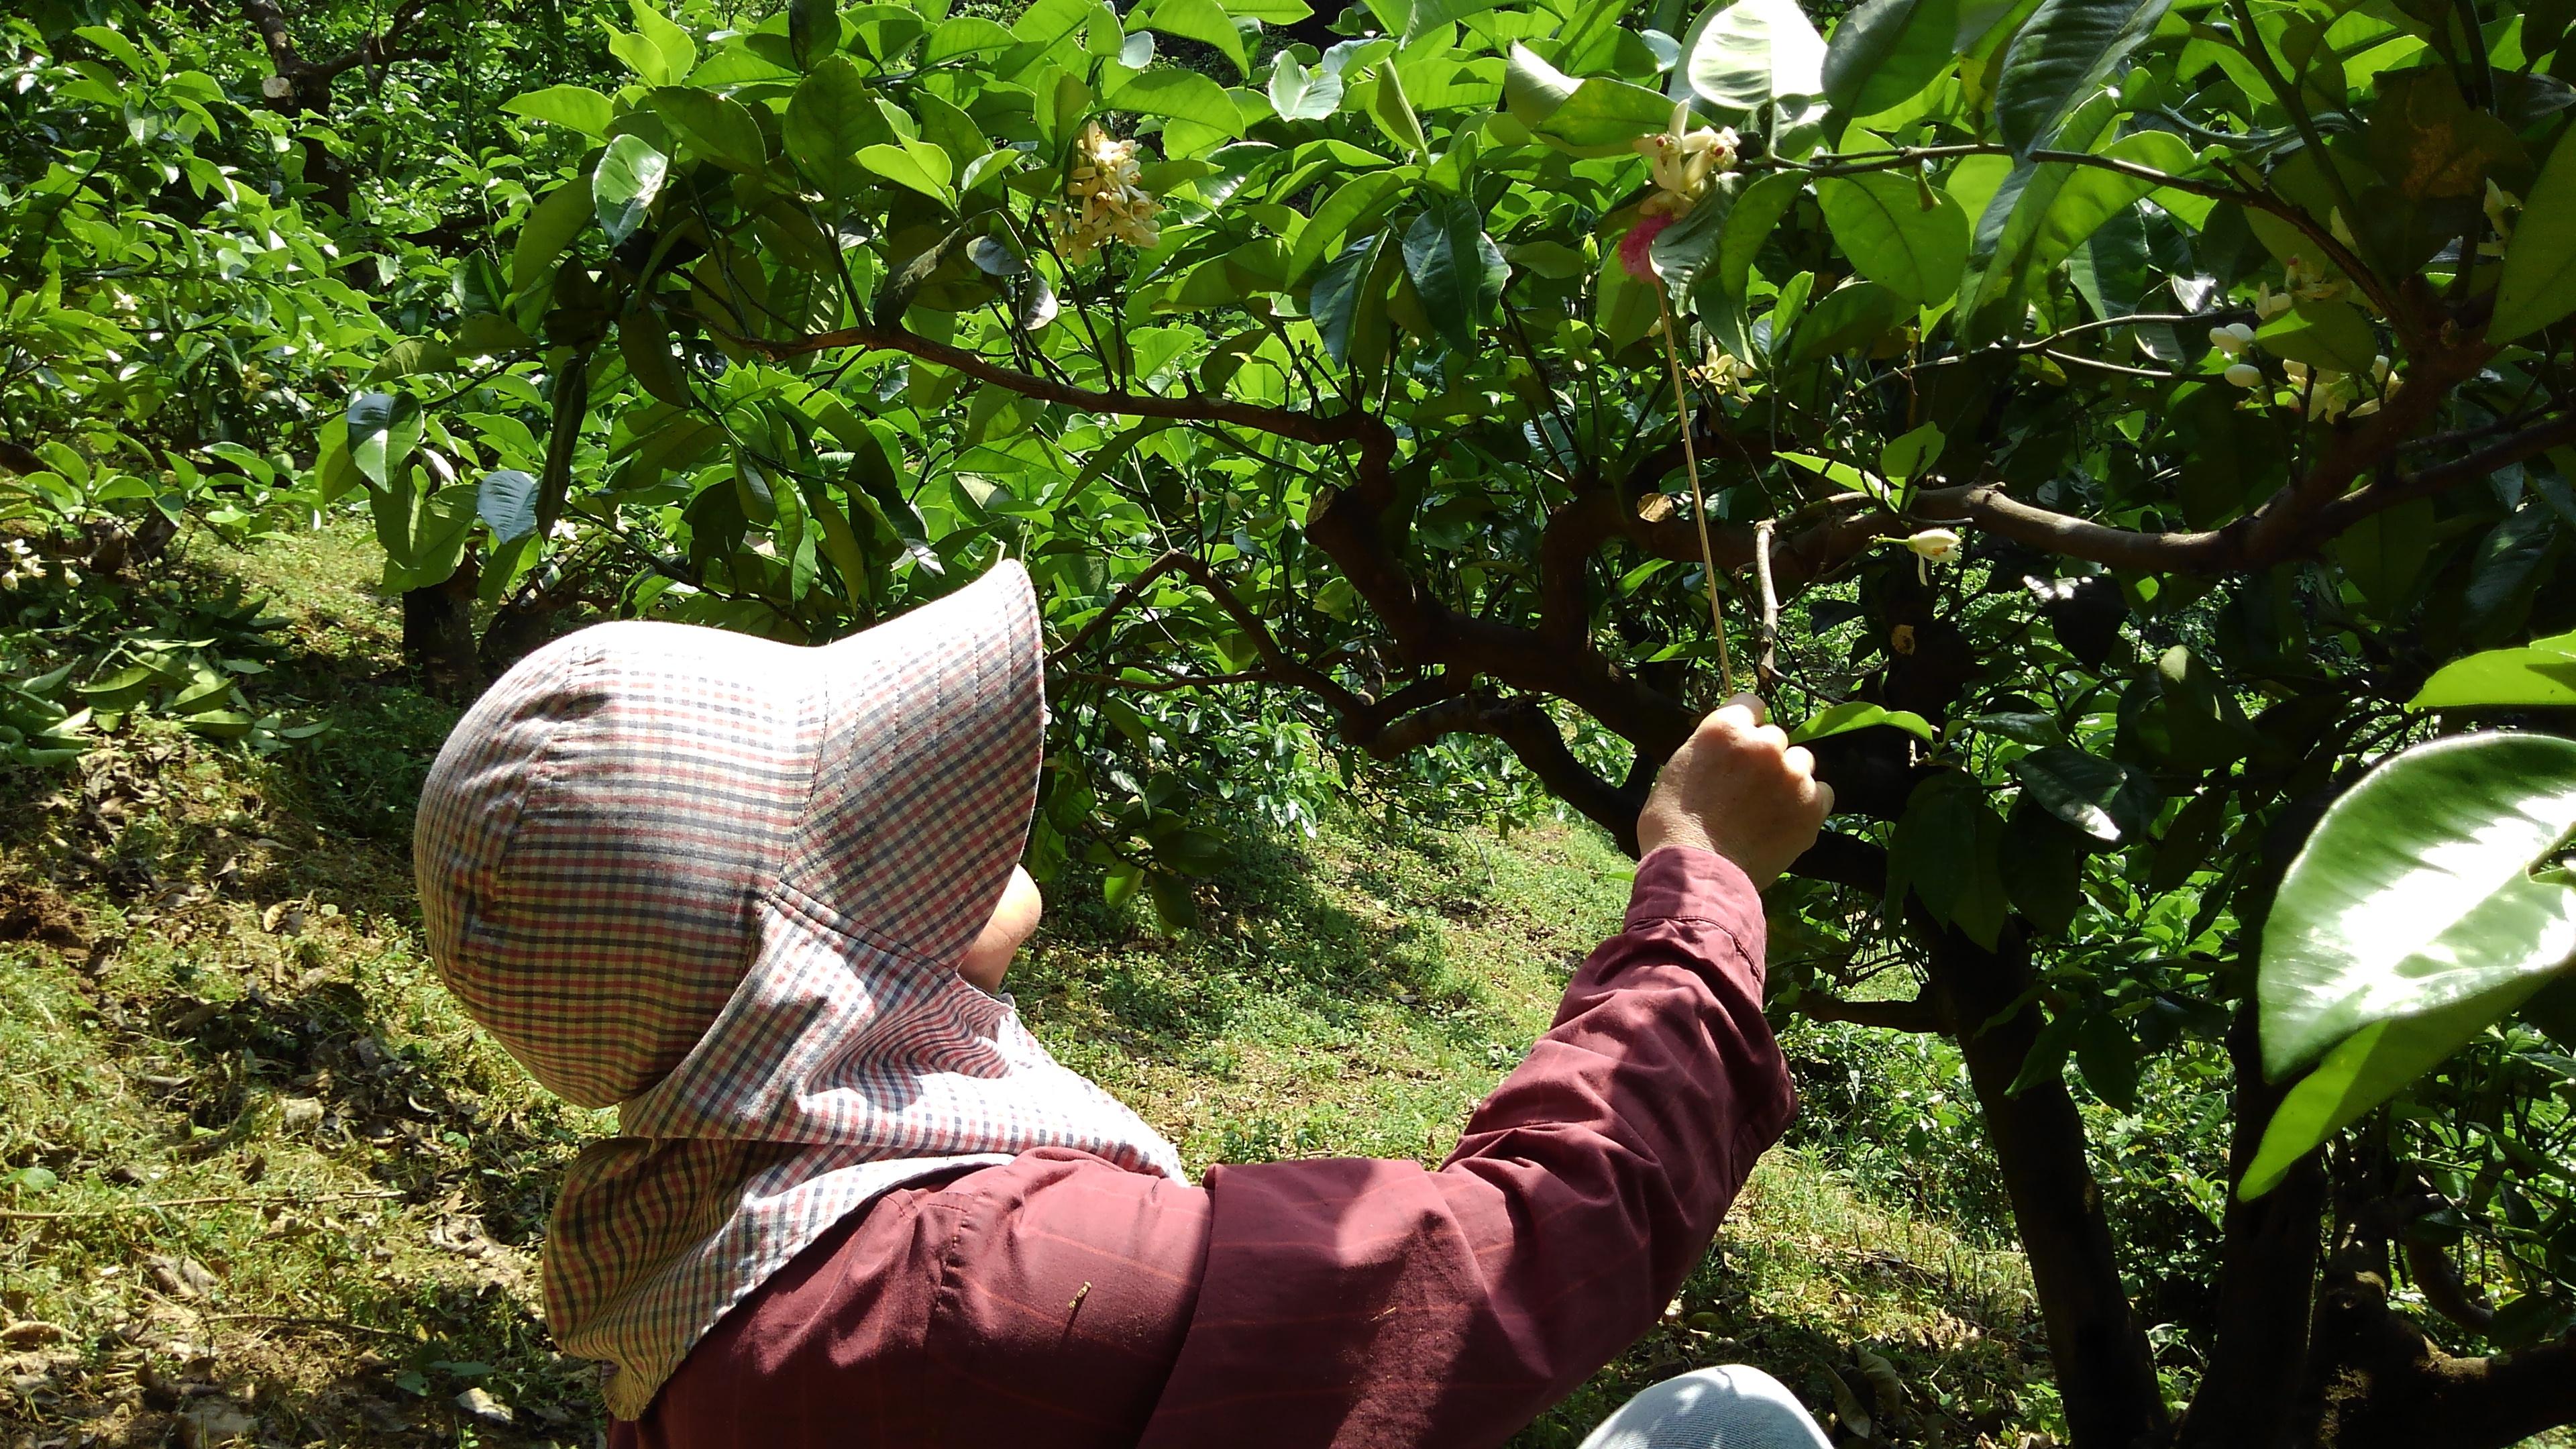 文旦のめしべに小夏の花粉を人工授精